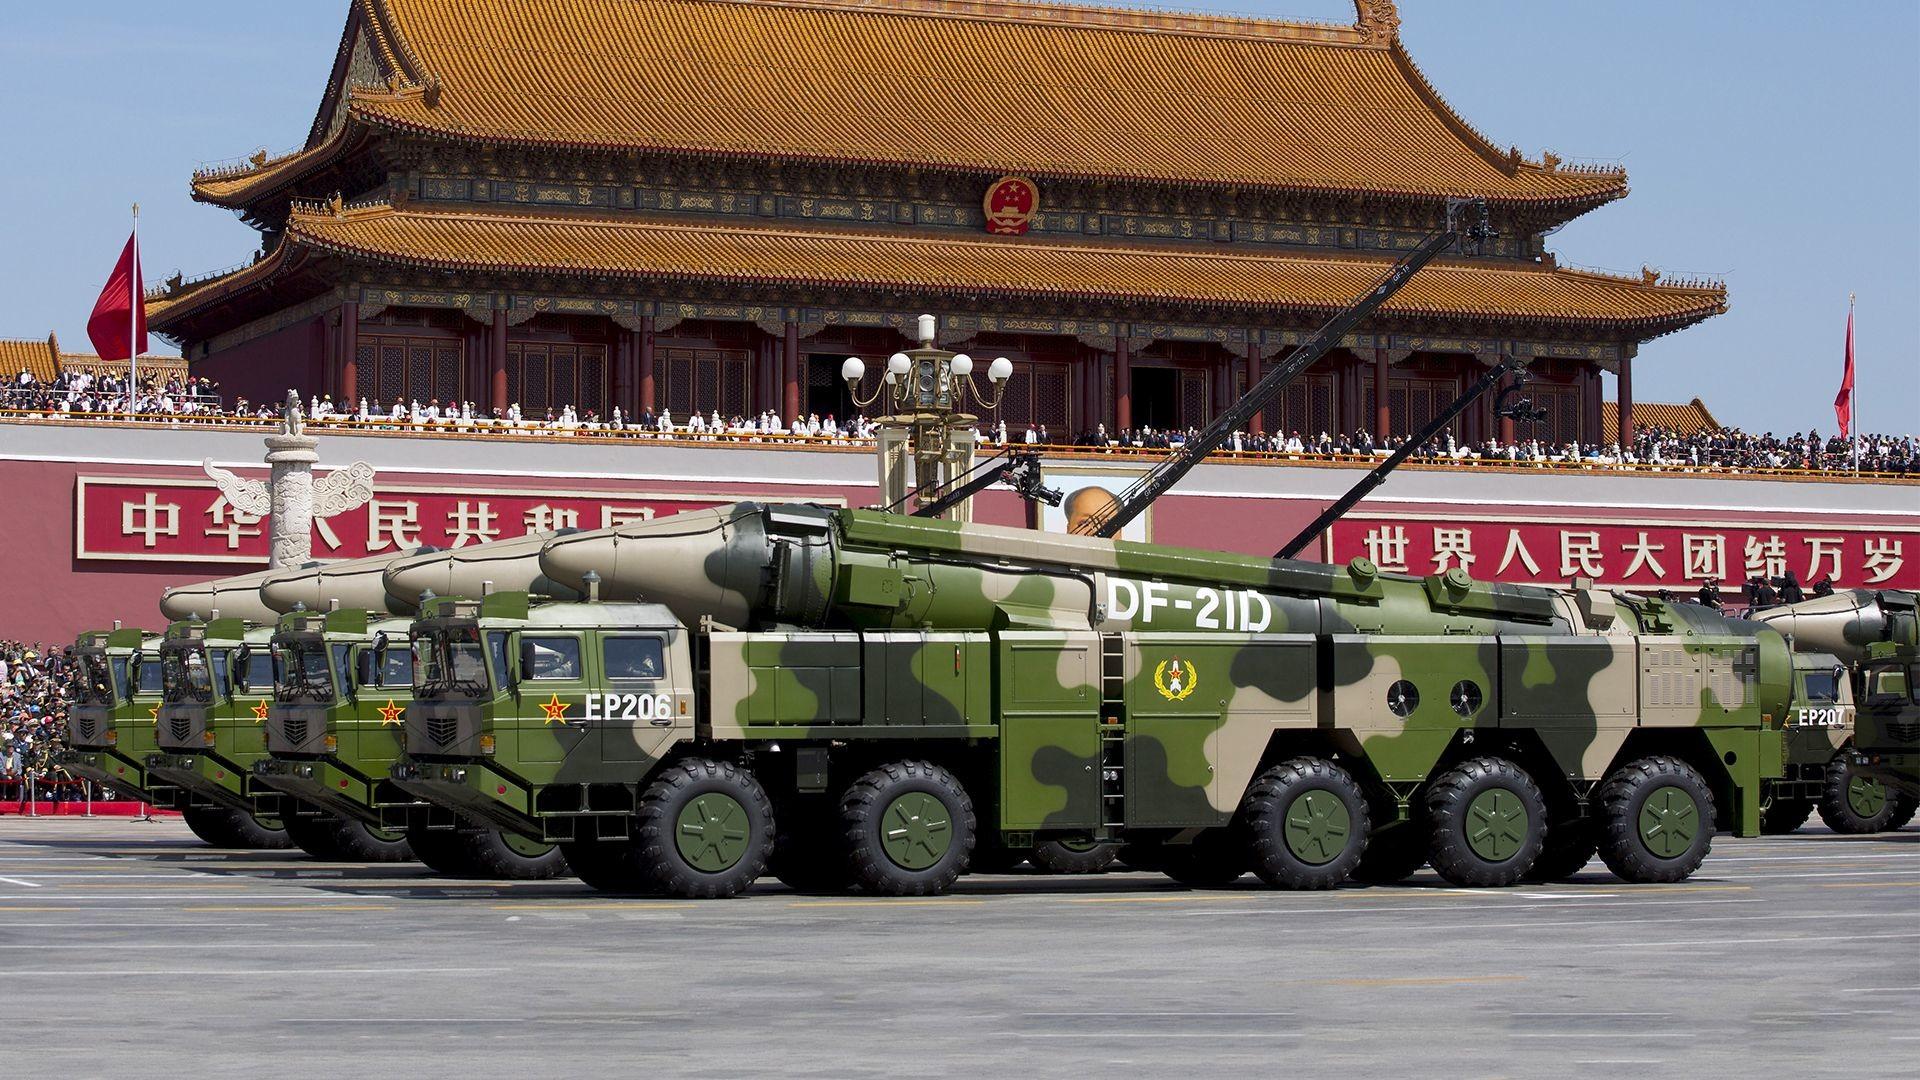 فقدان الثقة: القاطرة الصينية قد تجر العالم إلى أسفل